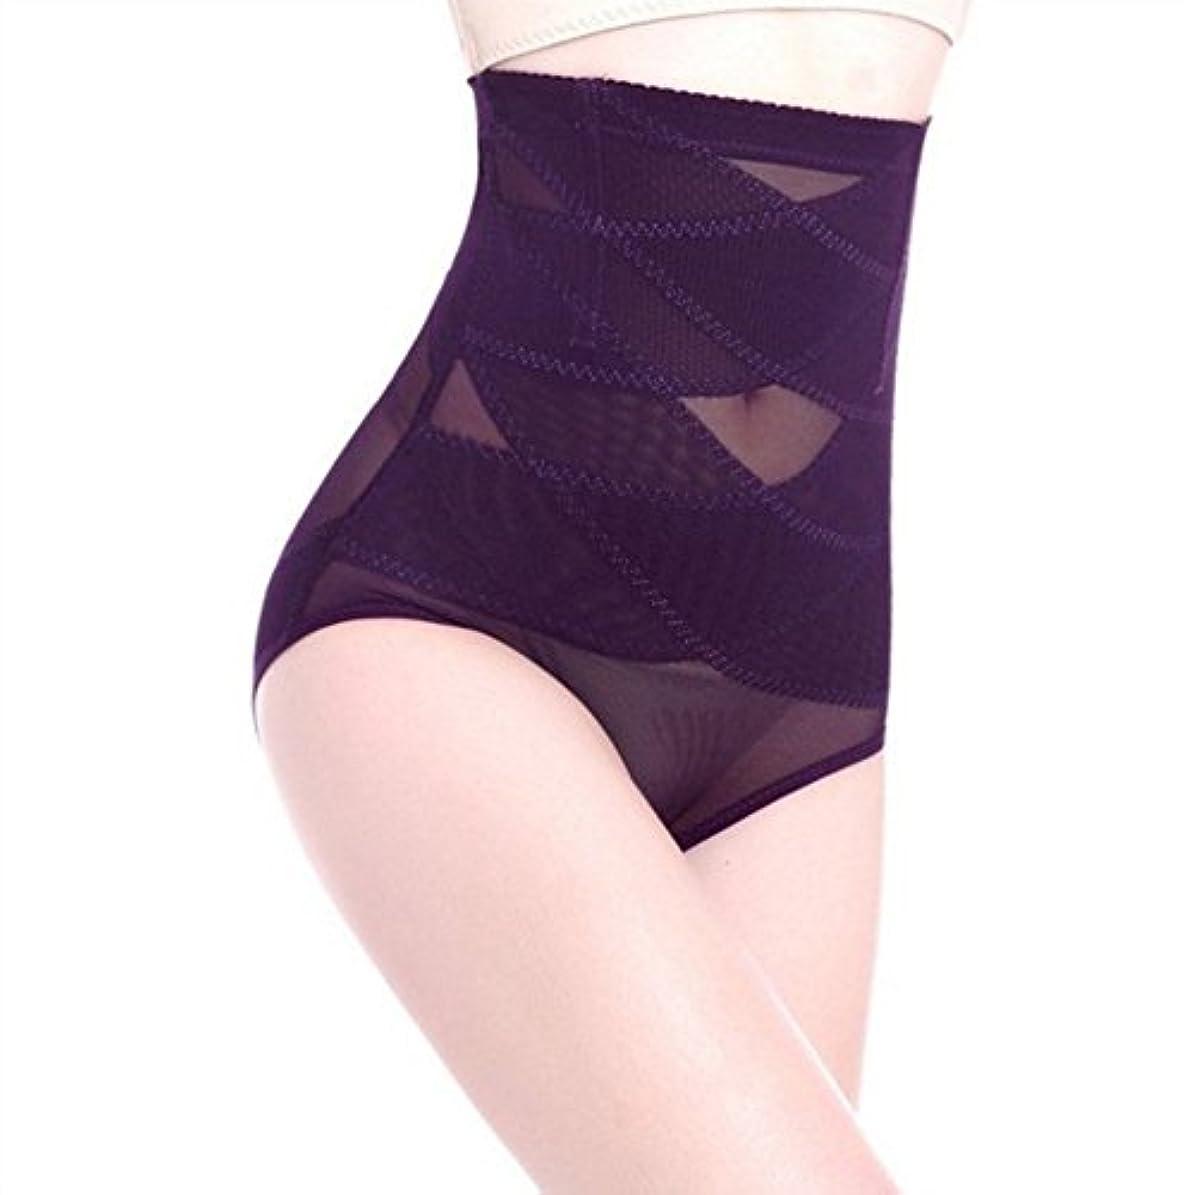 各回転注目すべき通気性のあるハイウエスト女性痩身腹部コントロール下着シームレスおなかコントロールパンティーバットリフターボディシェイパー - パープル3 XL